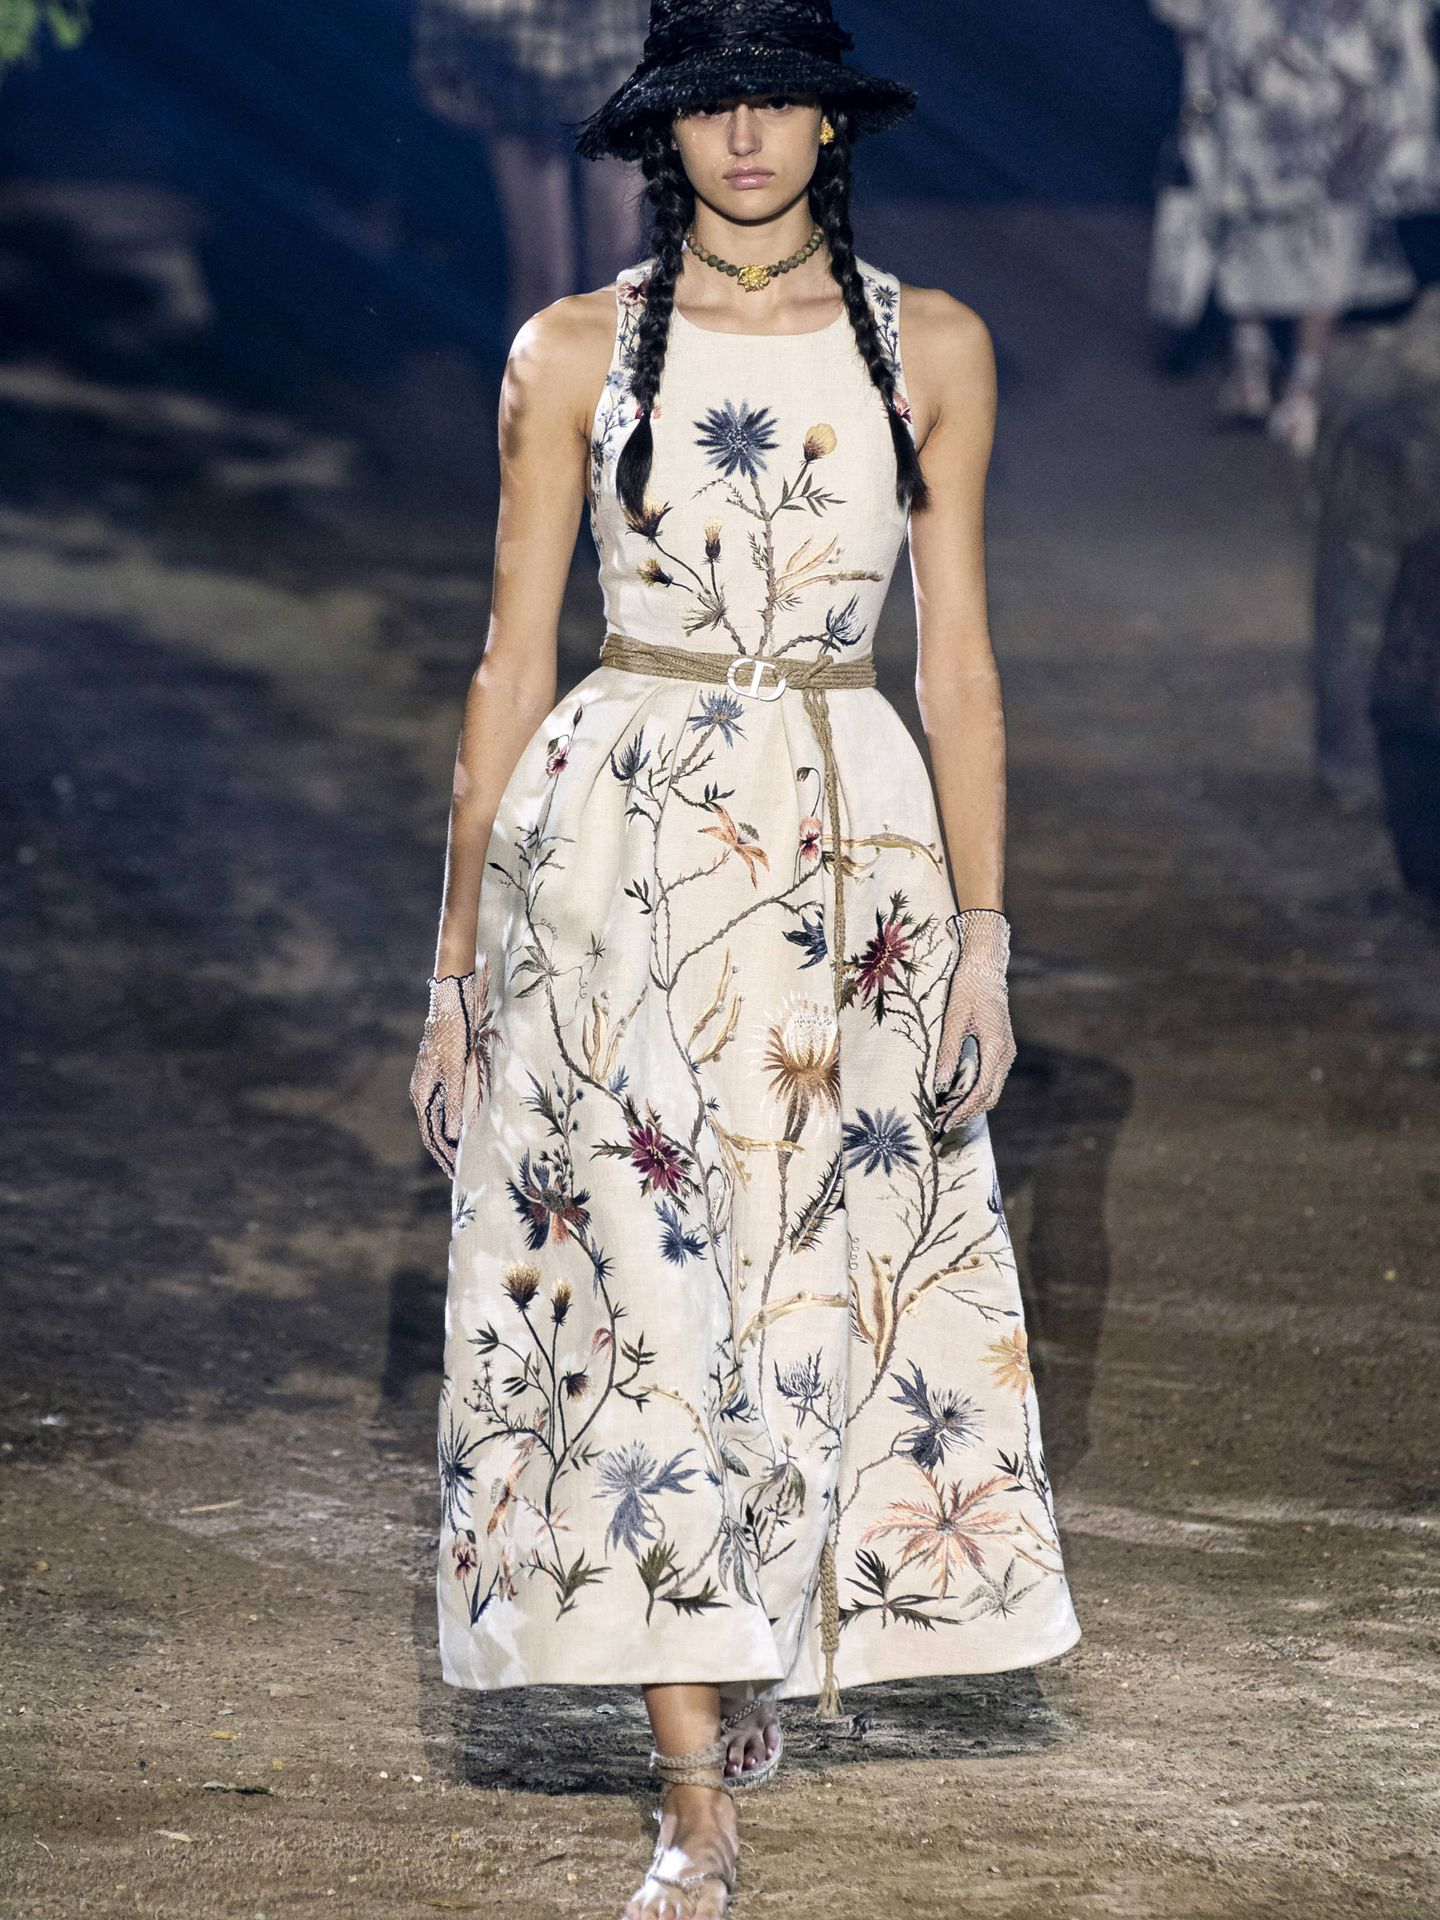 El vestido de Dior en el desfile. (Imaxtree)